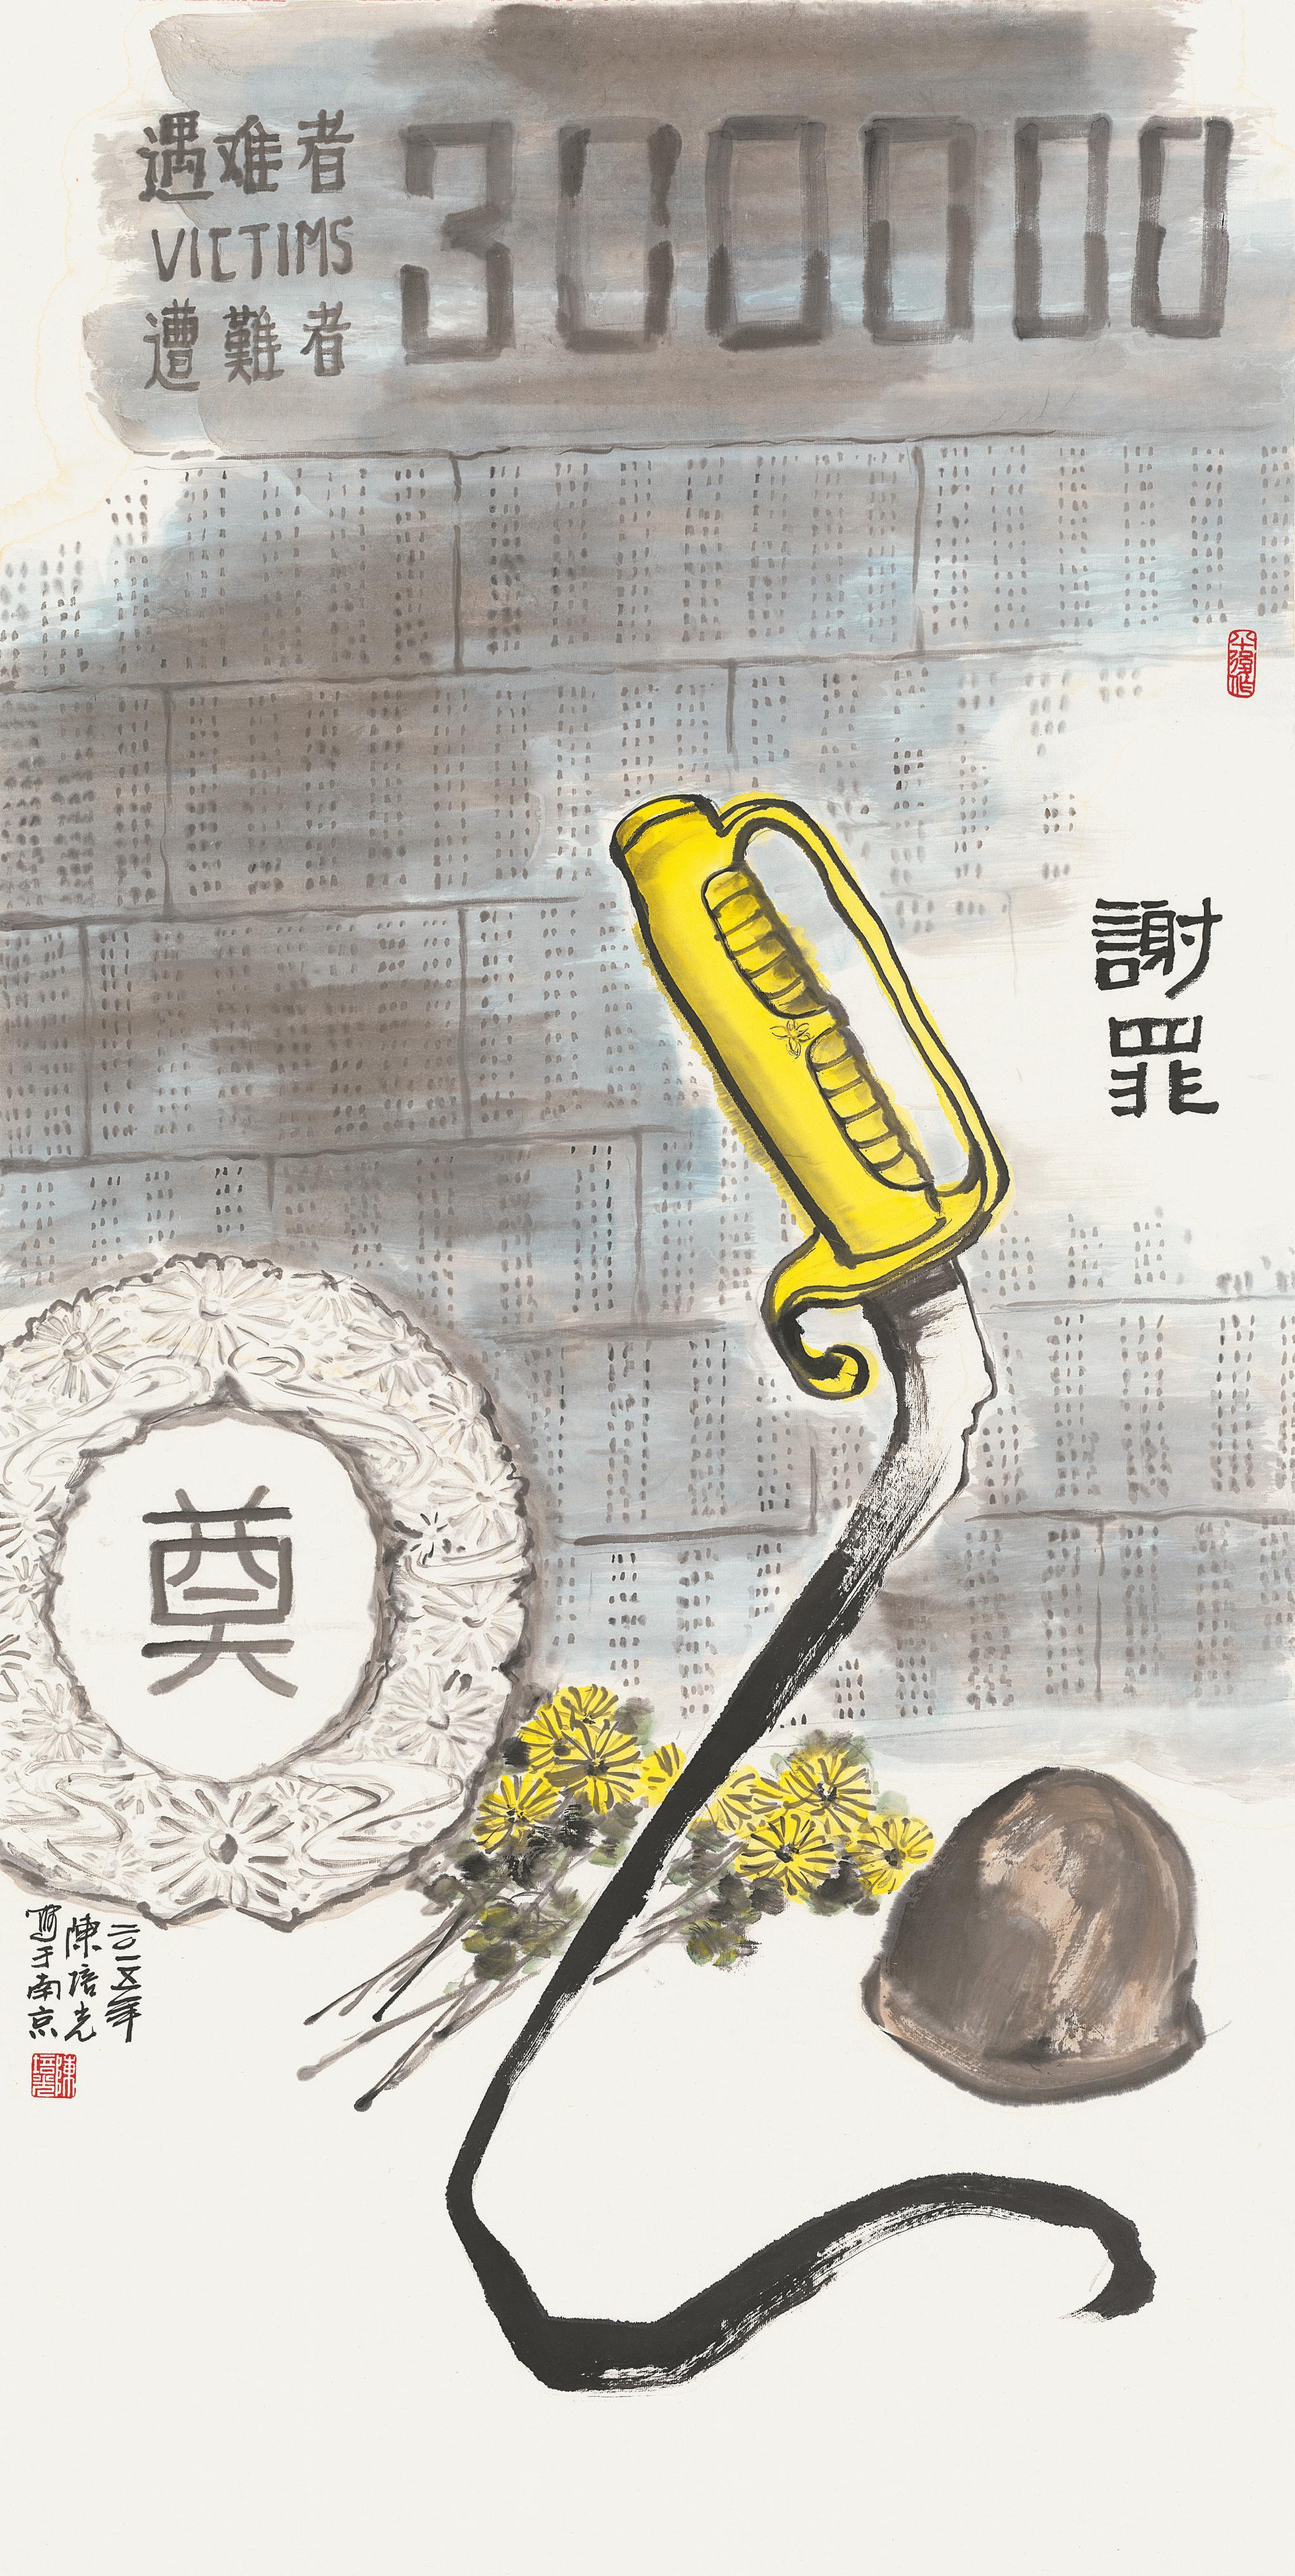 众城联动·共祈和平——第六个南京大屠杀死难者国家公祭日